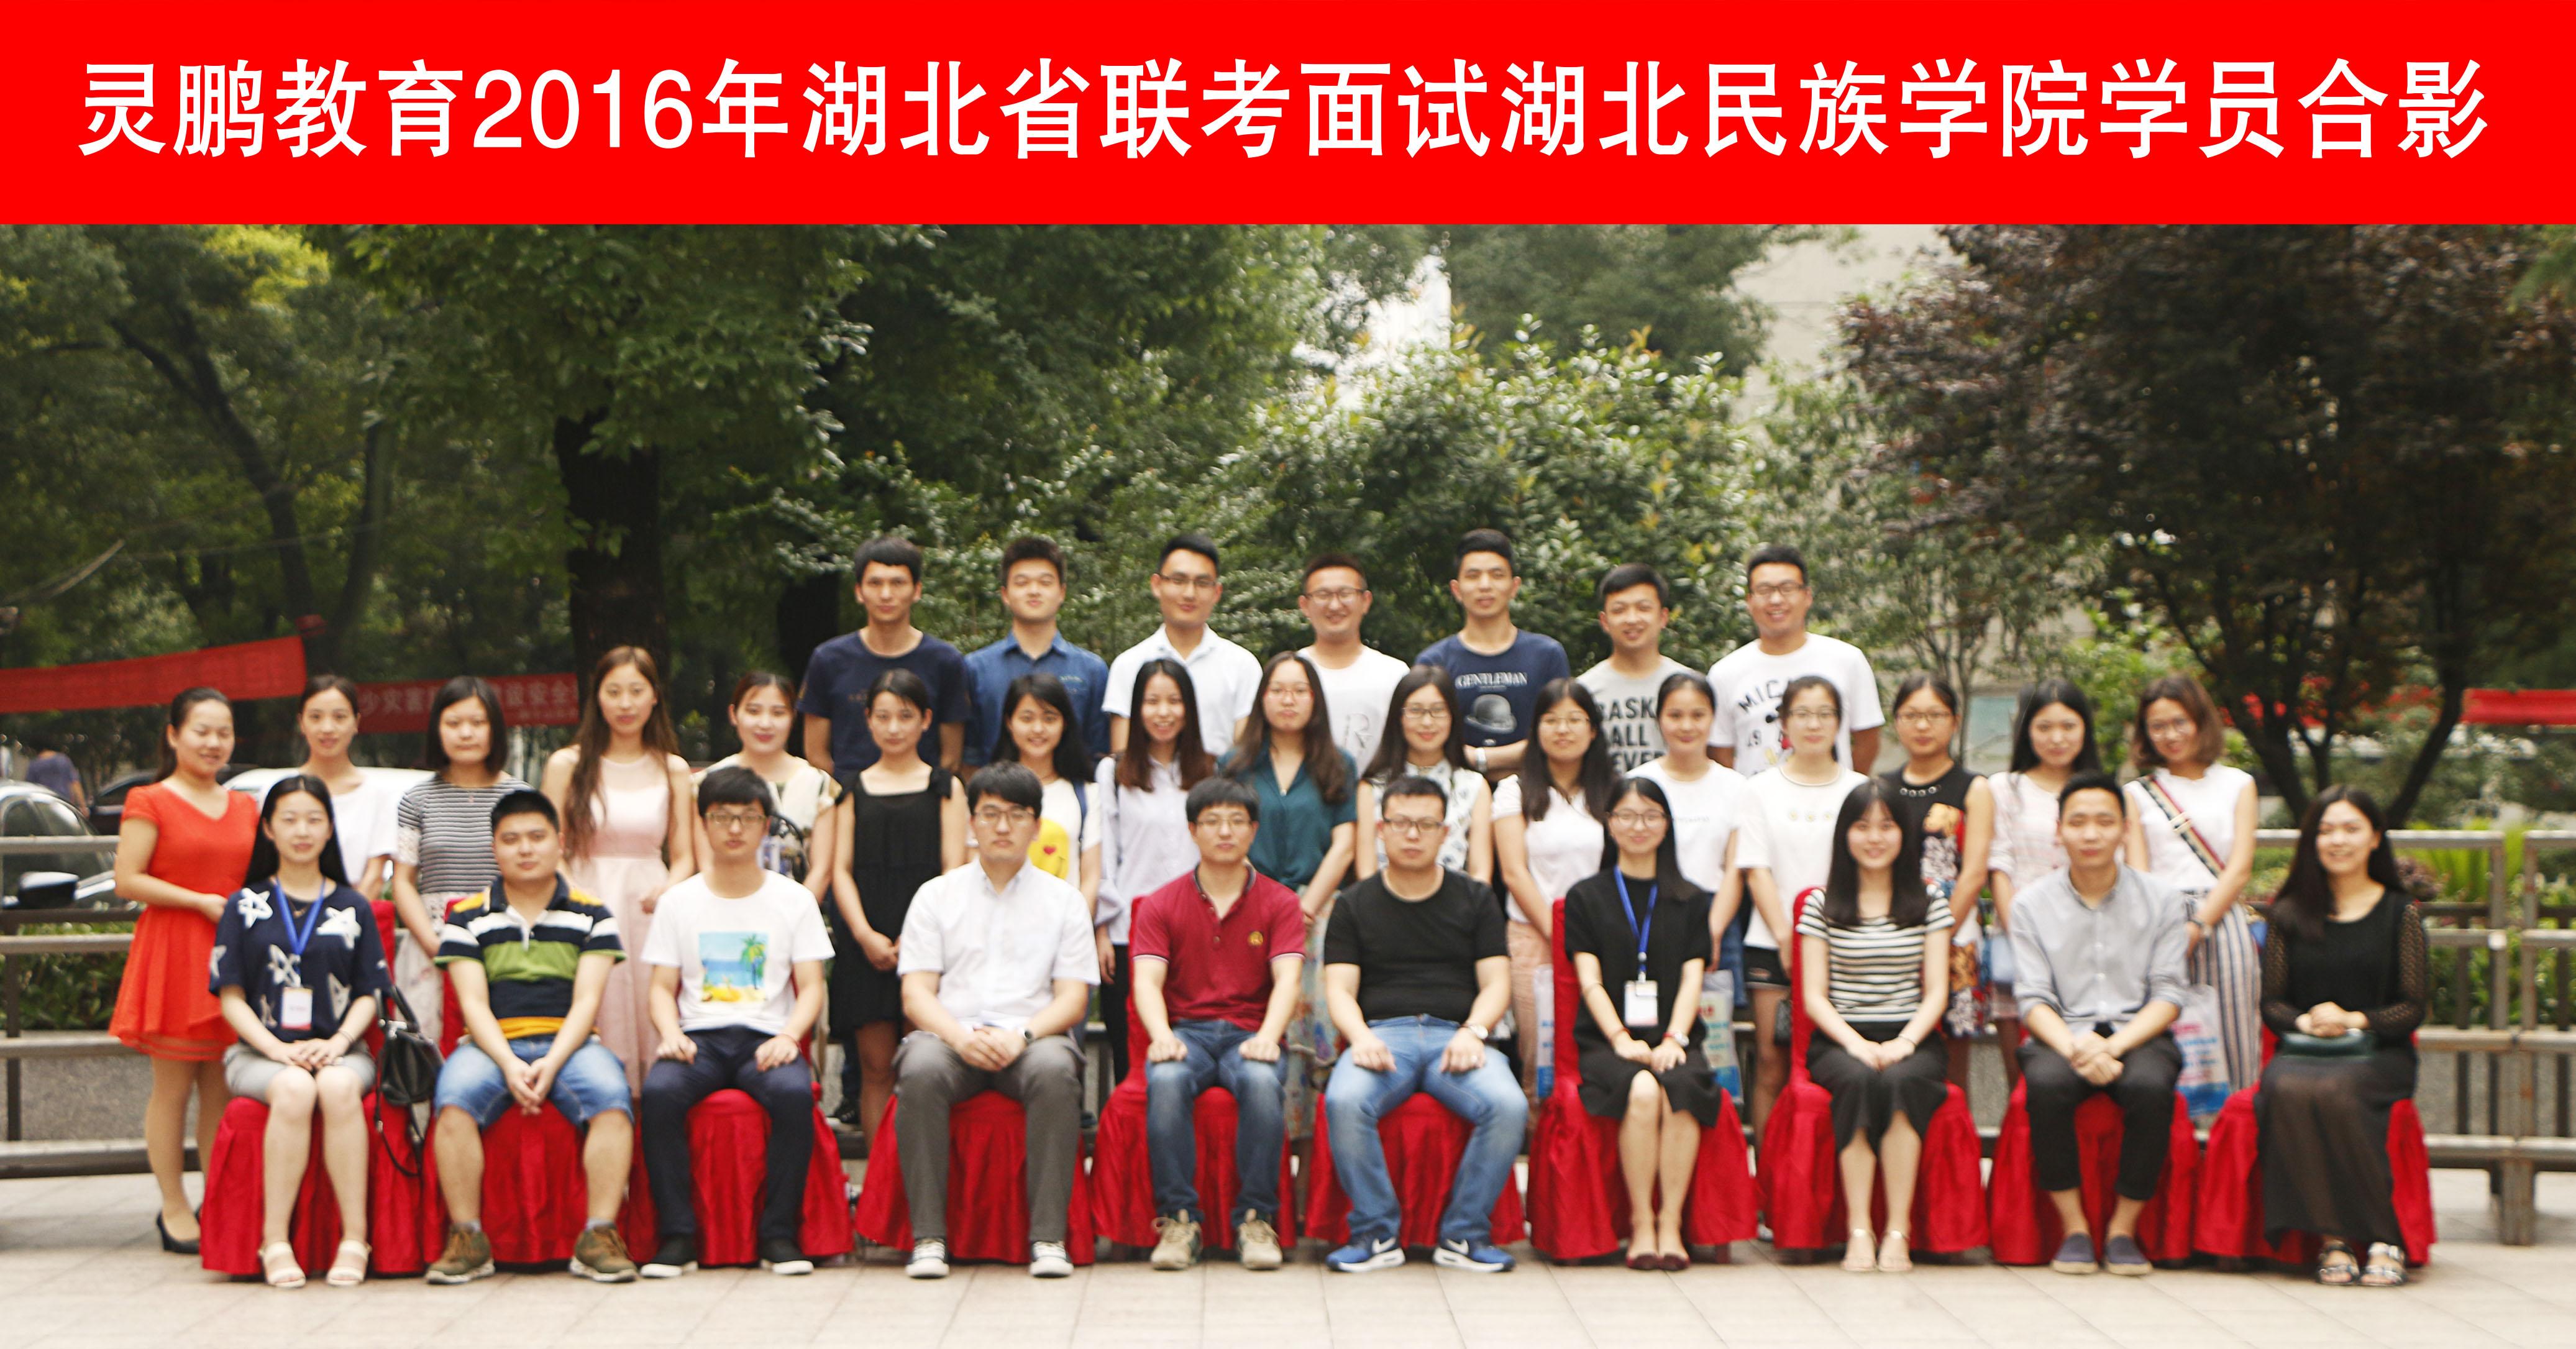 2016年联考面试湖北民族学院学员合影